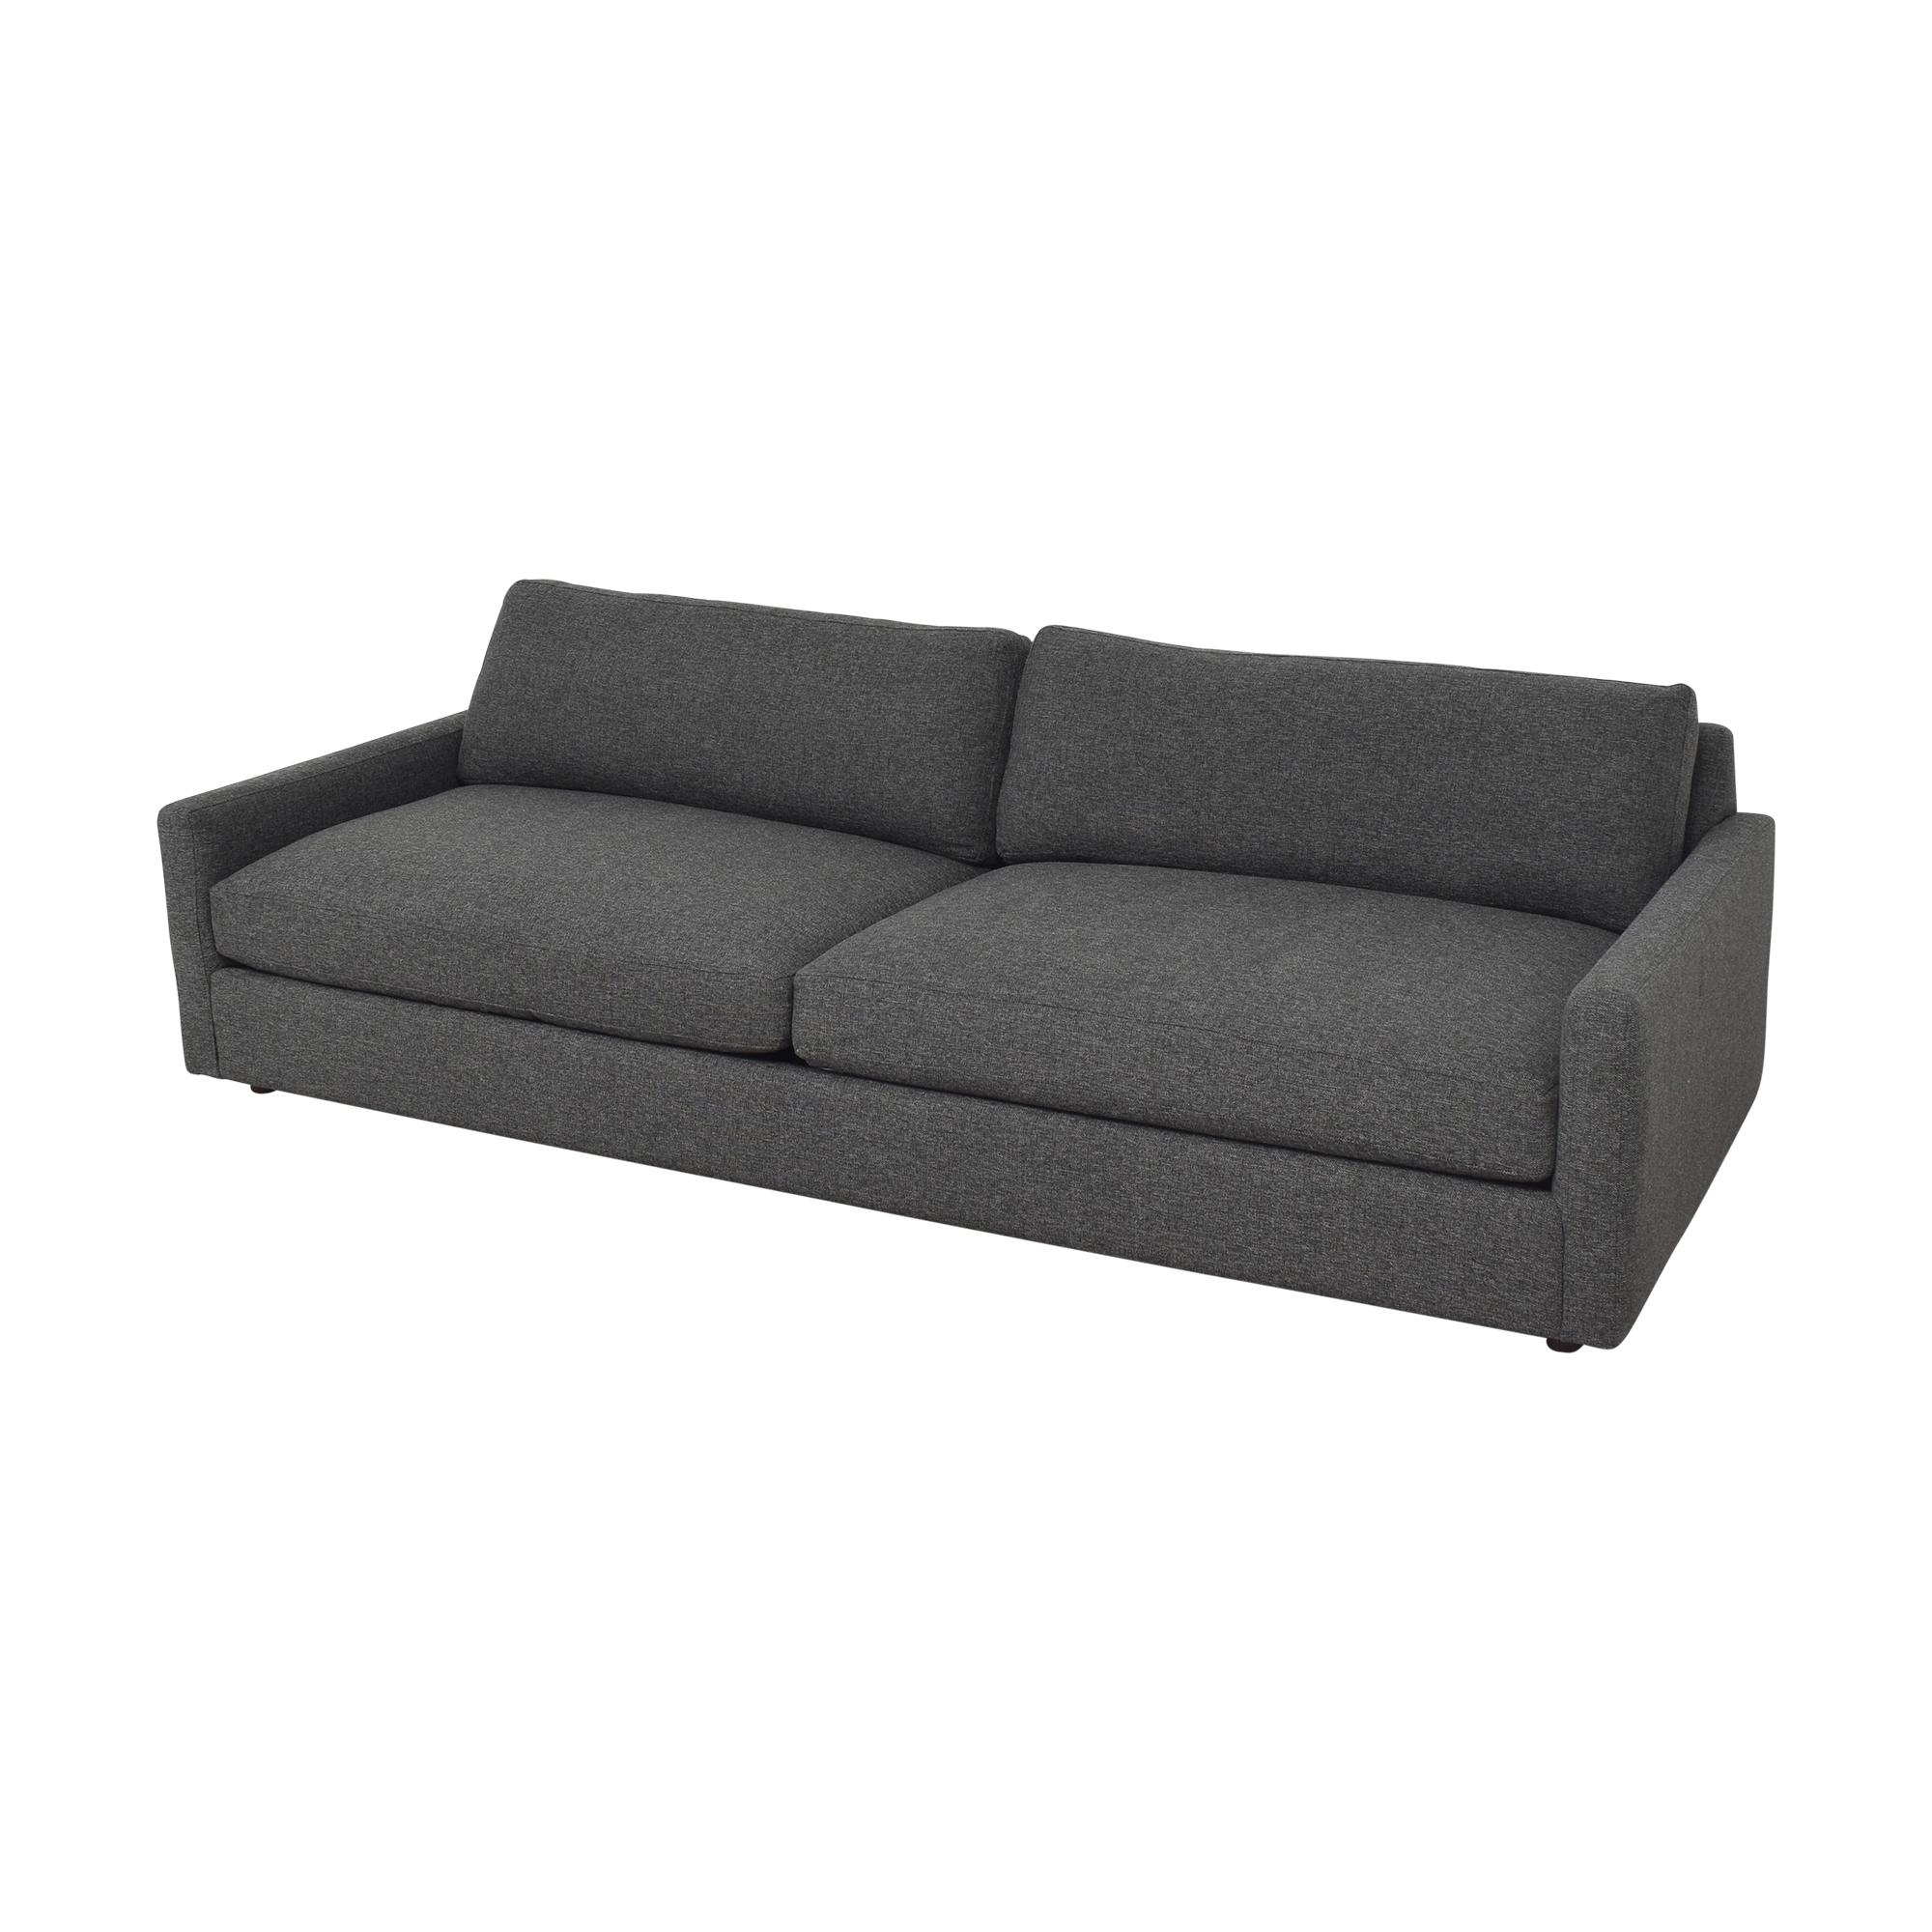 Room & Board Easton Sofa / Classic Sofas